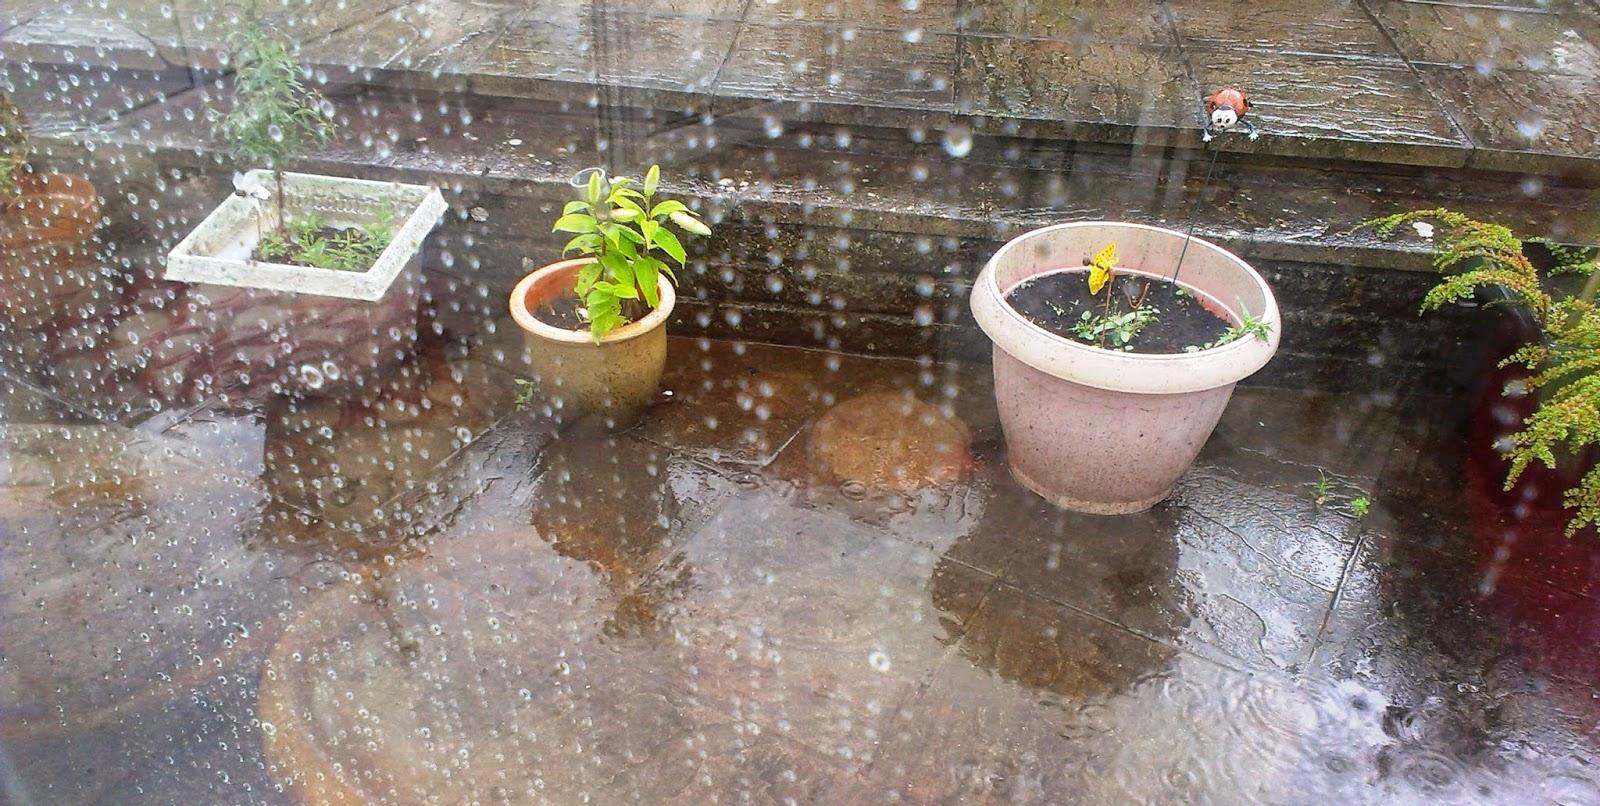 12pm - Rain